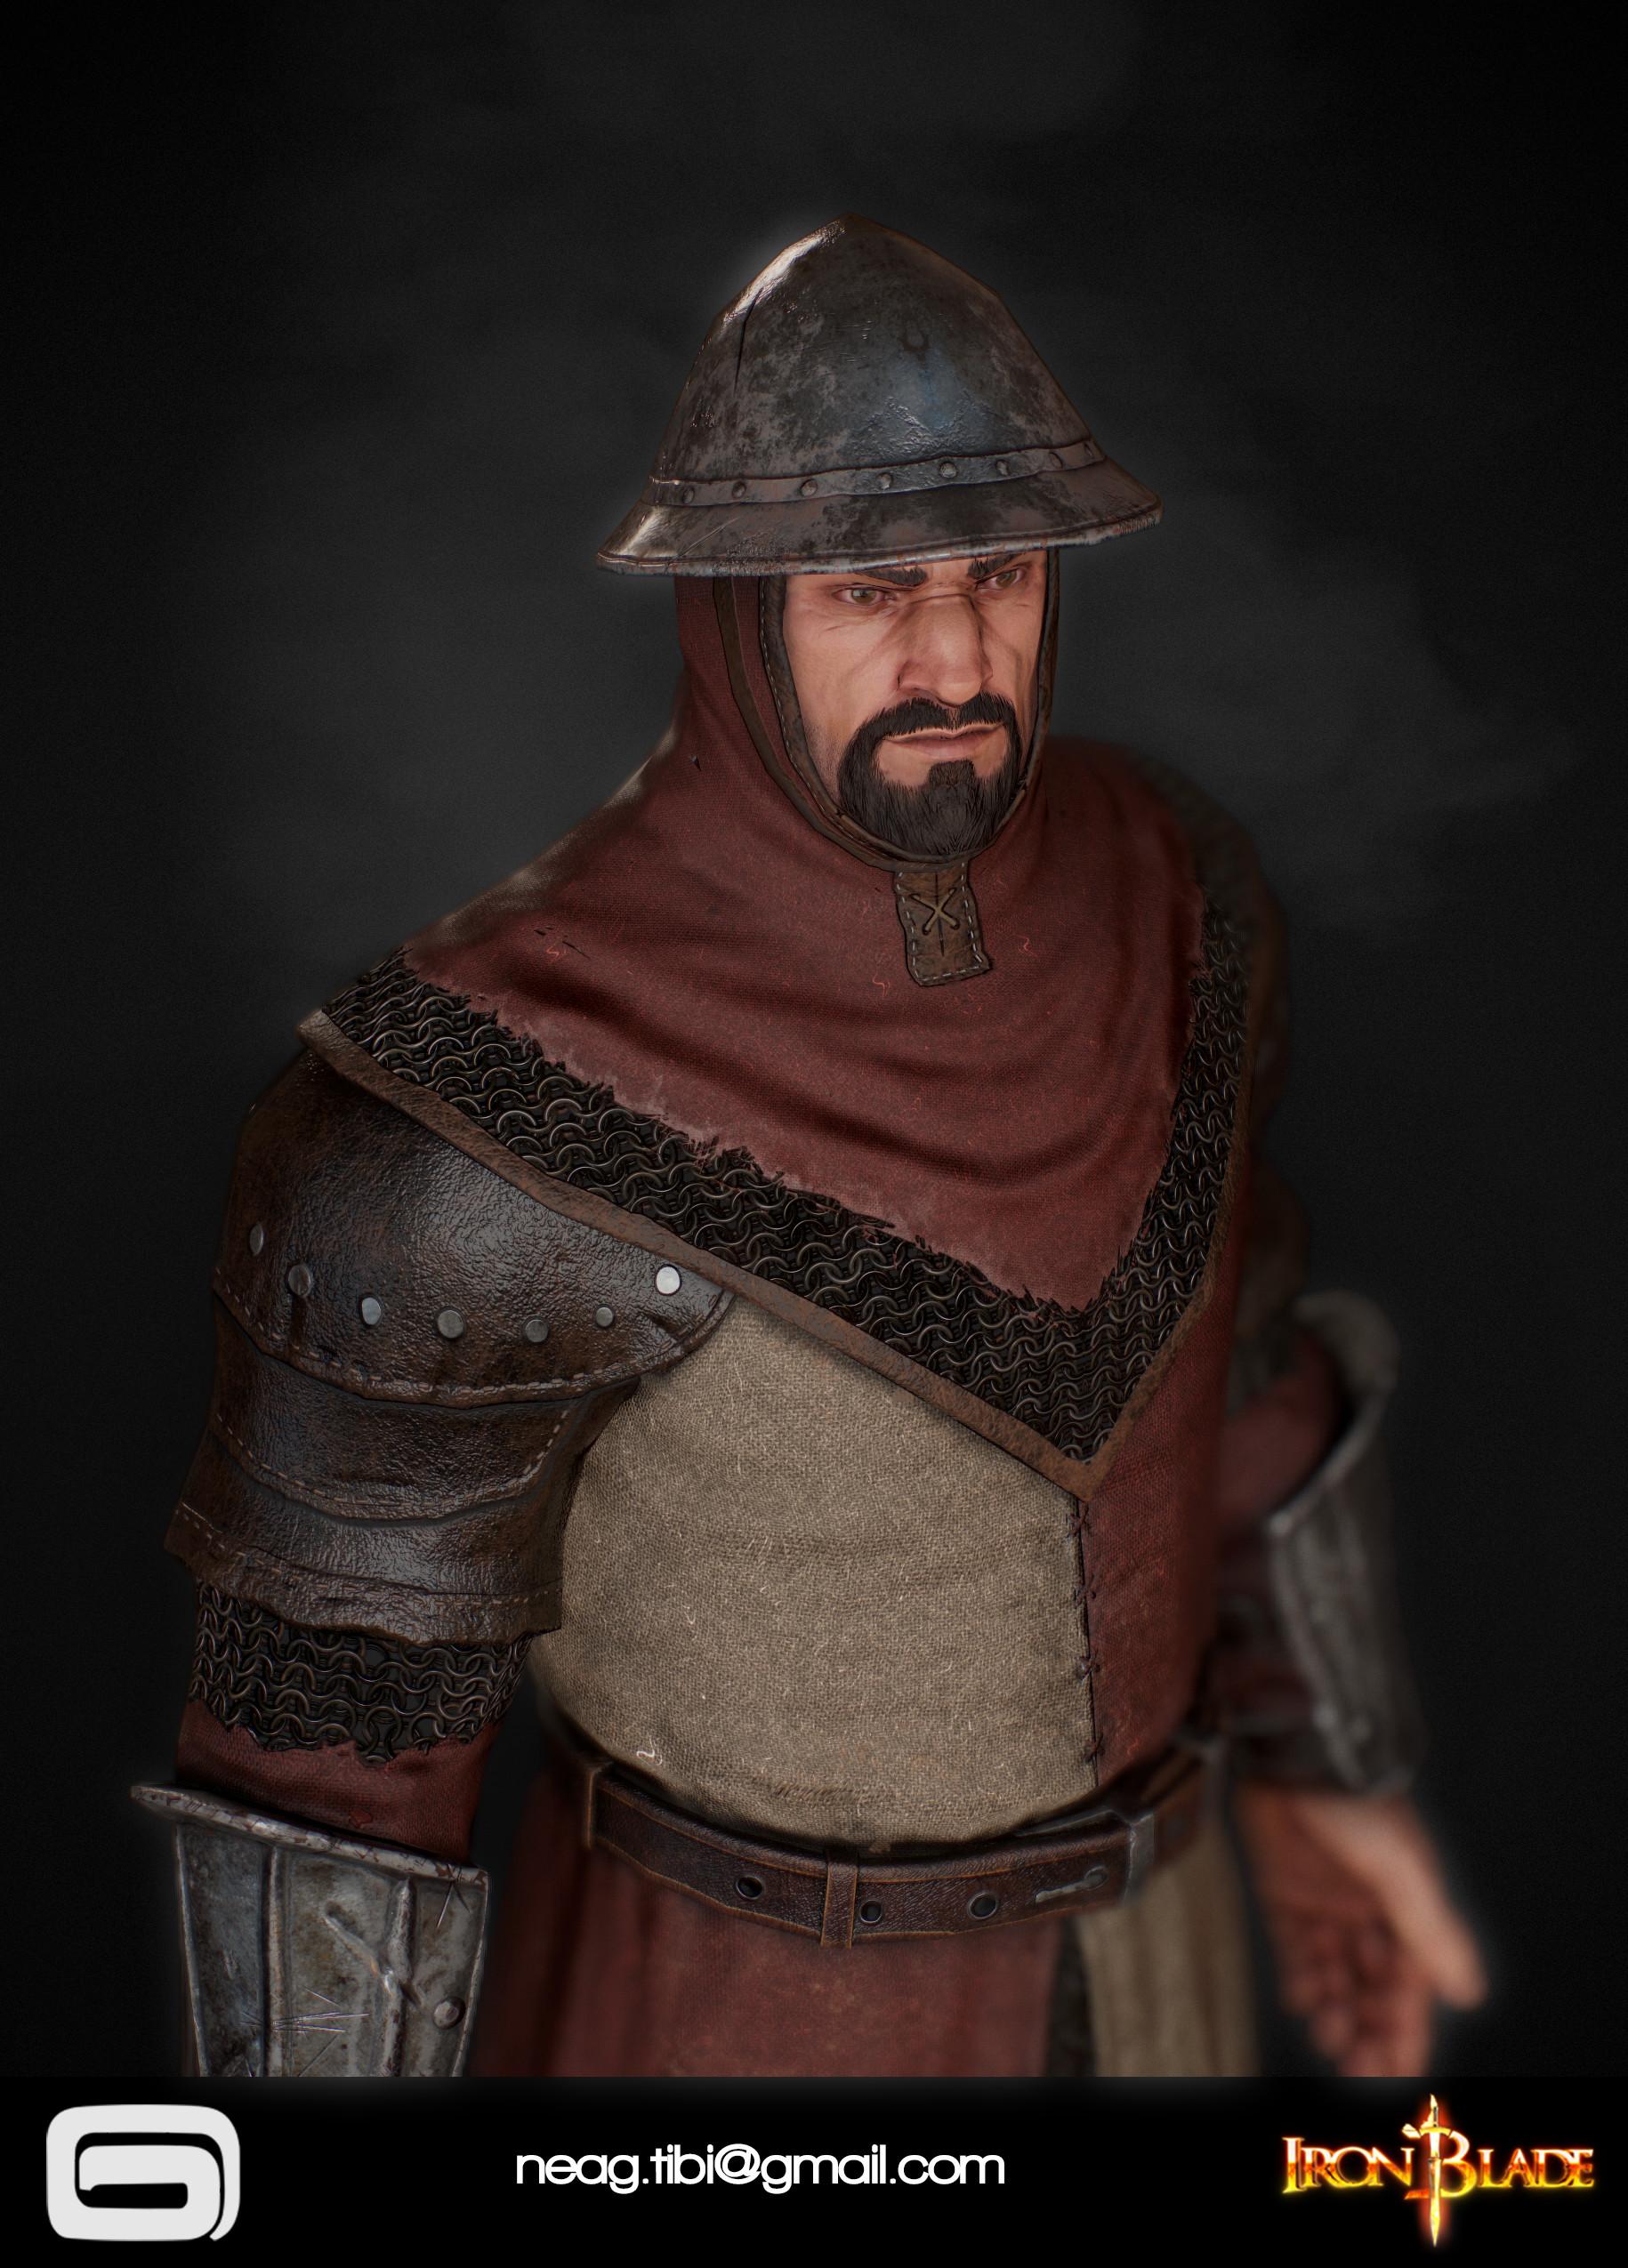 Tibi neag tibi neag iron blade garrison soldier c low poly 04